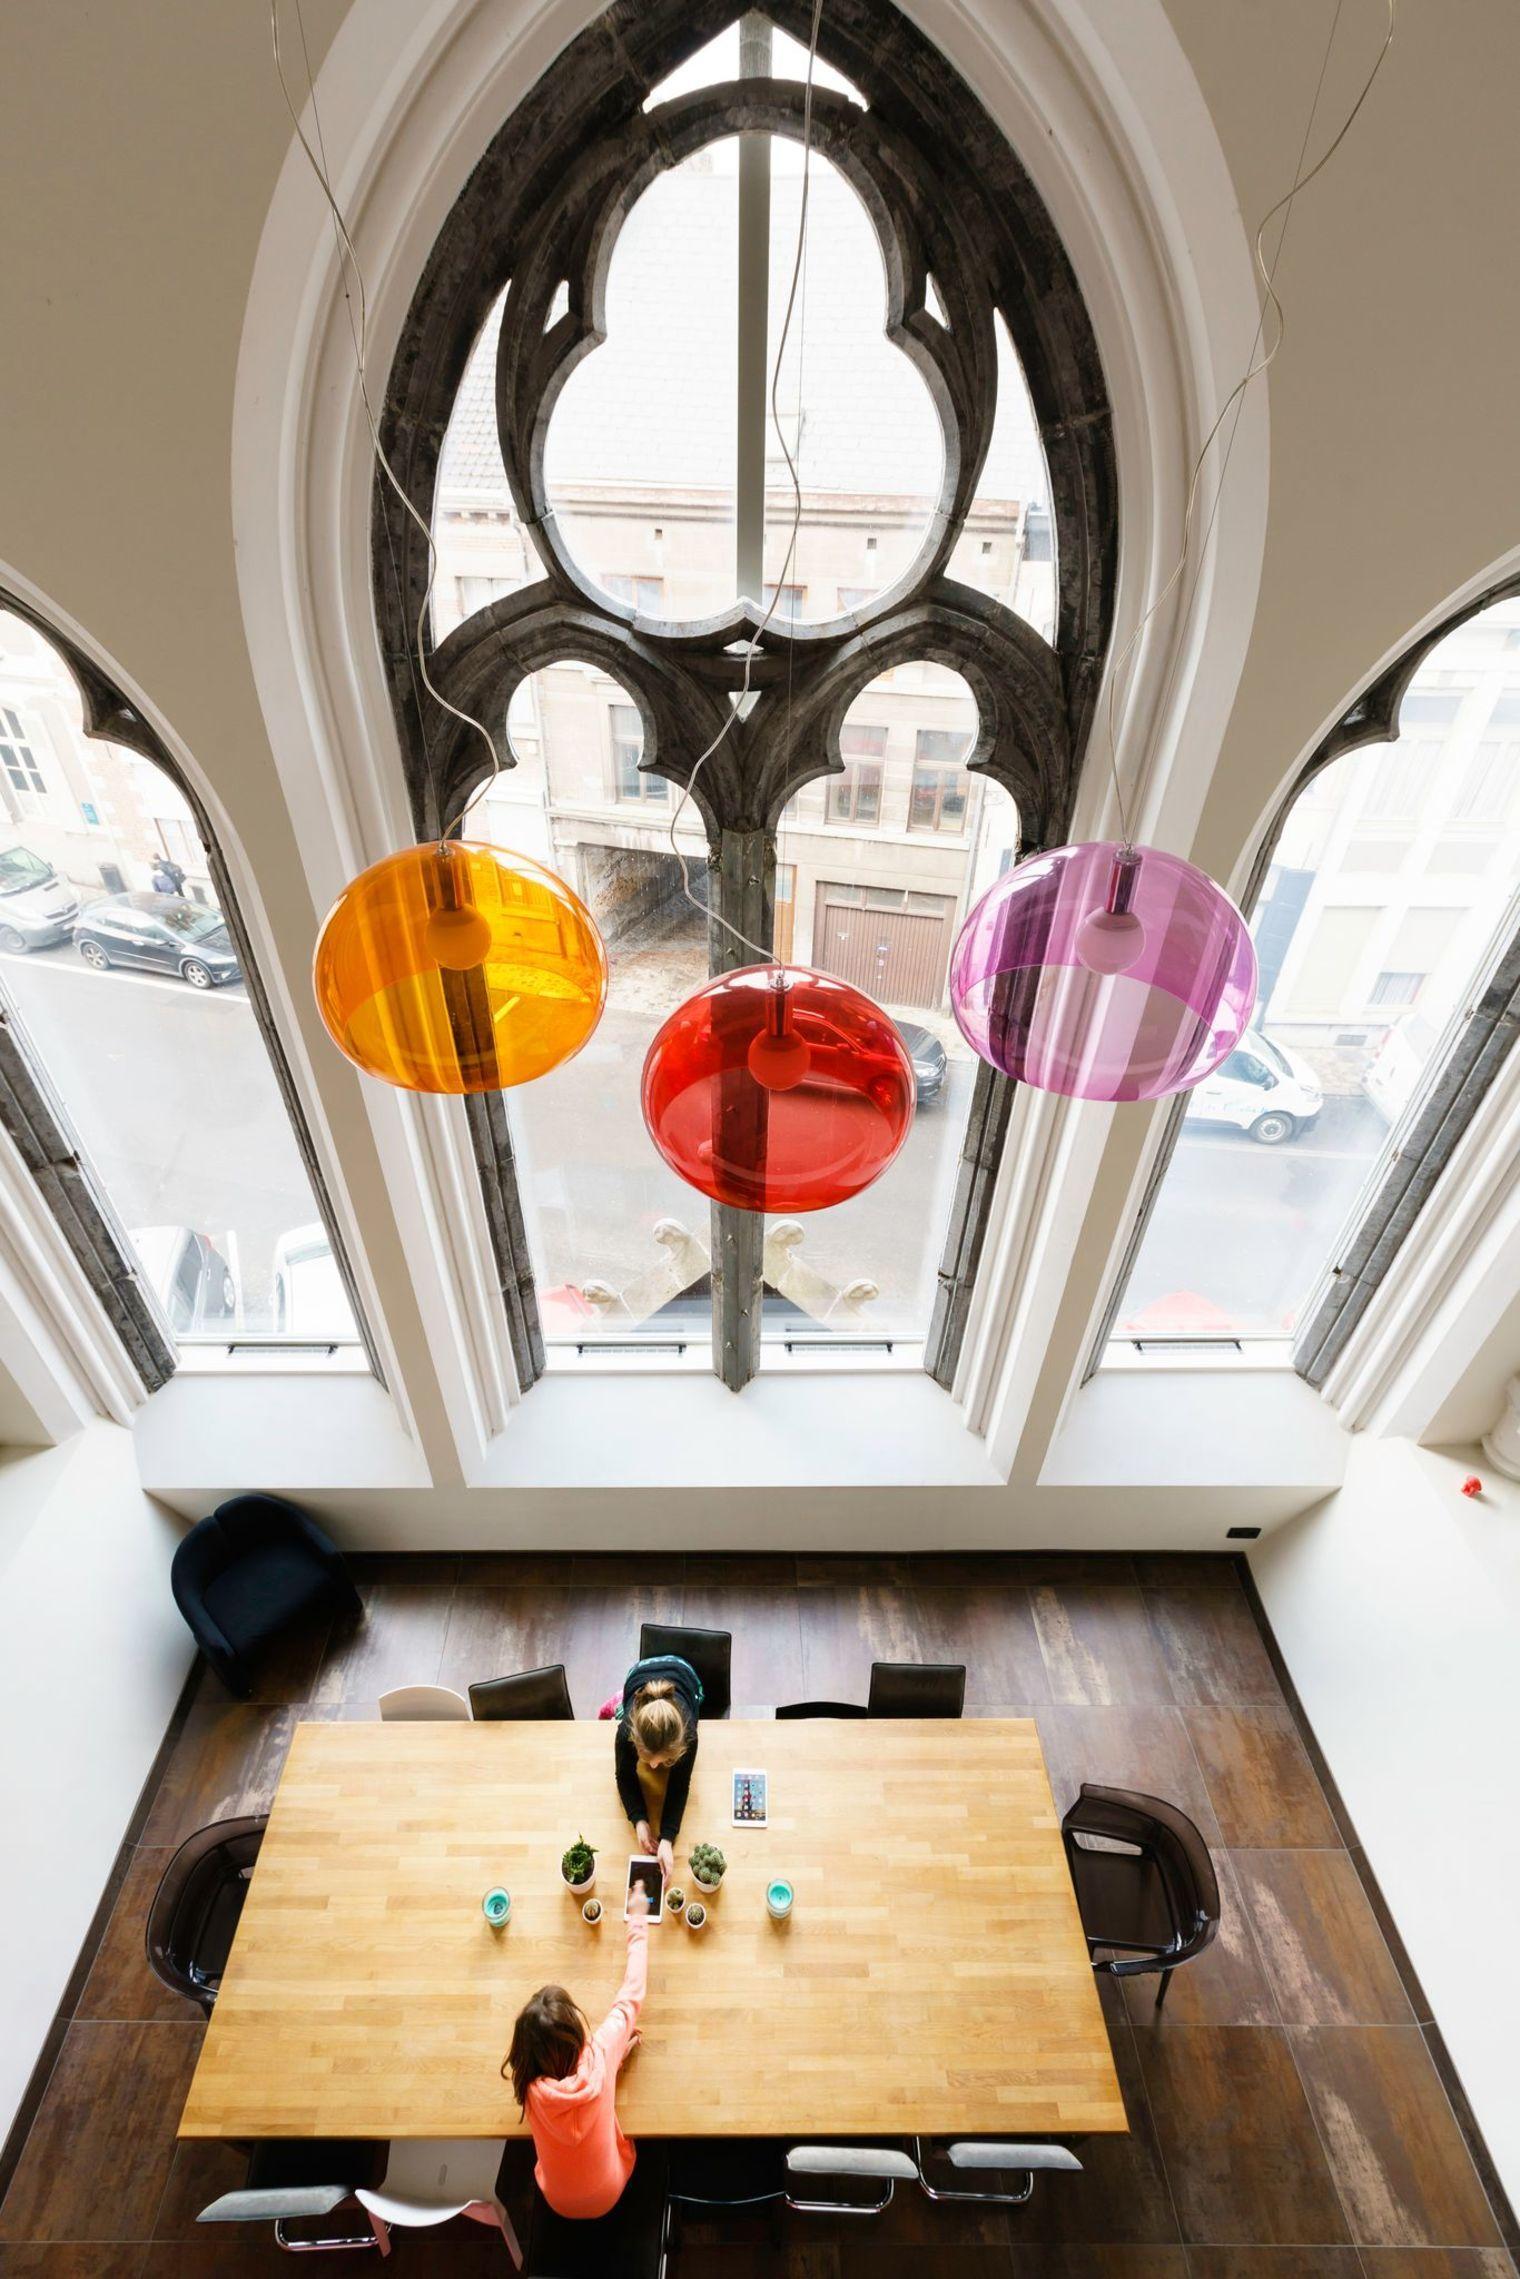 Dans La Cite Belge De Mons Un Couple A Transforme Une Chapelle Abandonnee En Une Habitation Contemporaine Coloree Et Ludique Qua Maison Chapelle Cote Maison